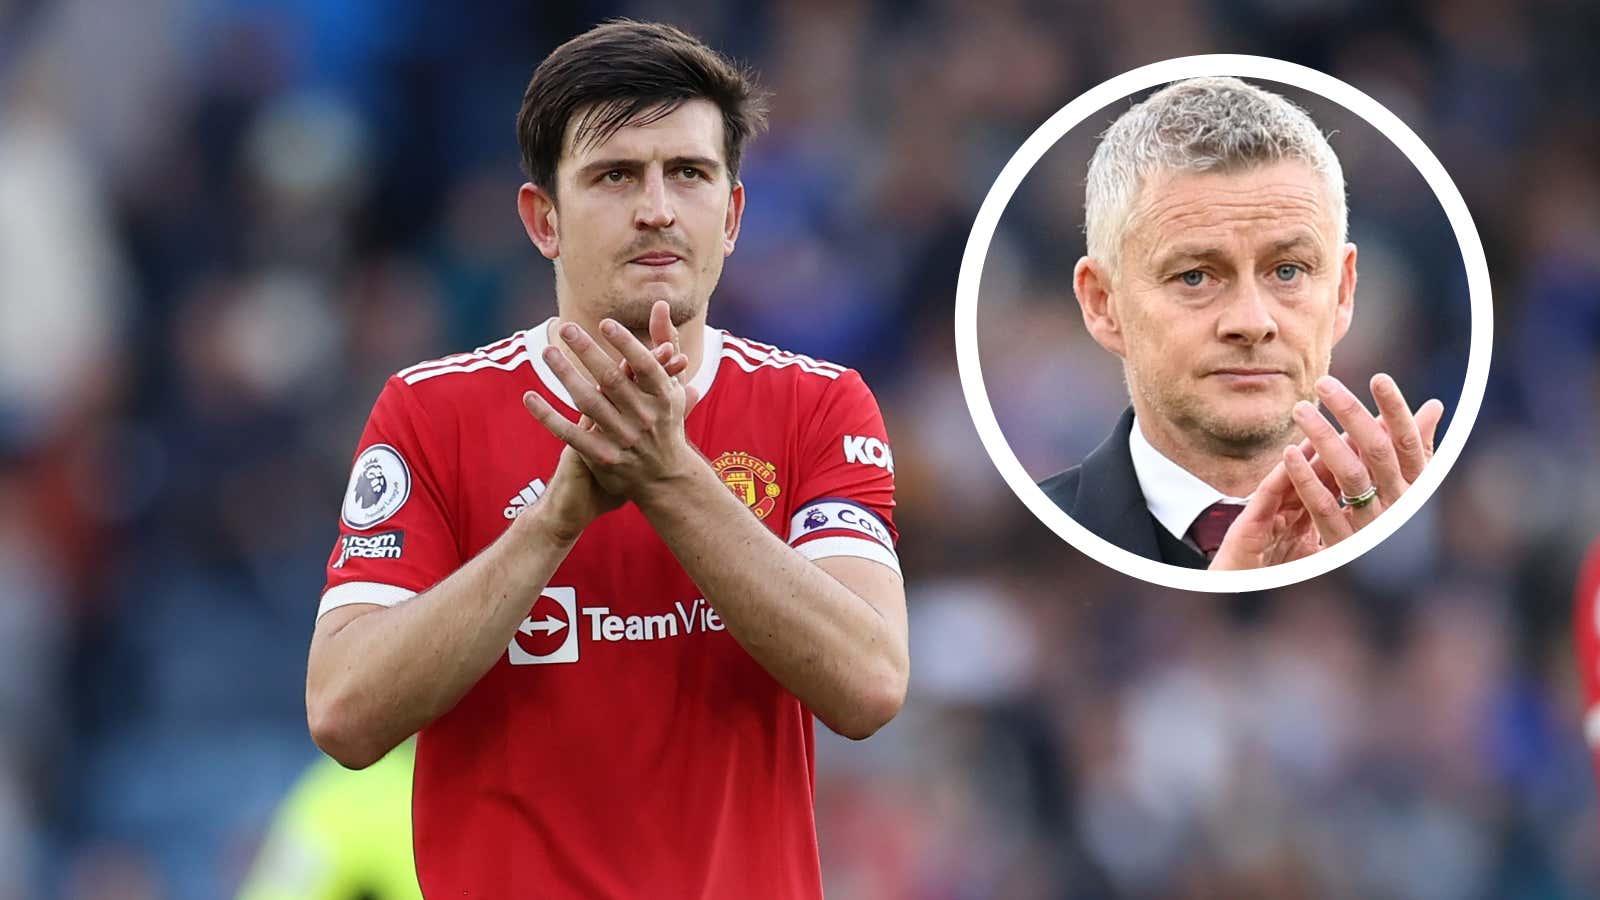 Solskjaer explains surprise Maguire selection in Man Utd meltdown vs Leicester